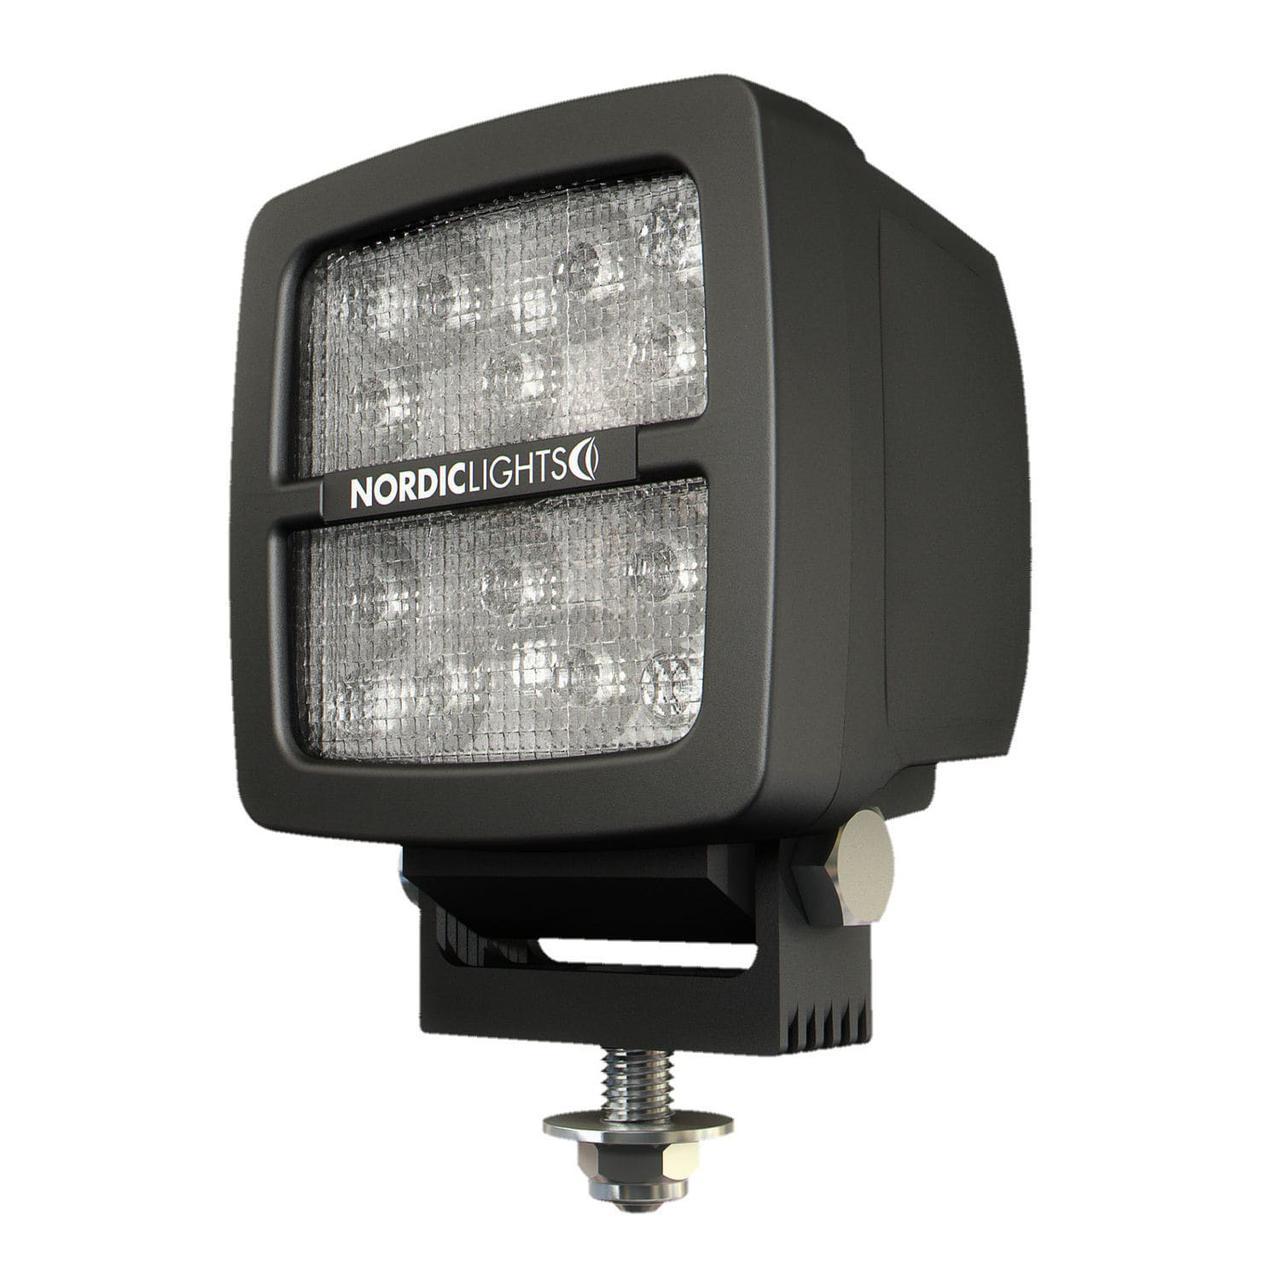 Светодиодная фара Nordic Scorplus LED N4406